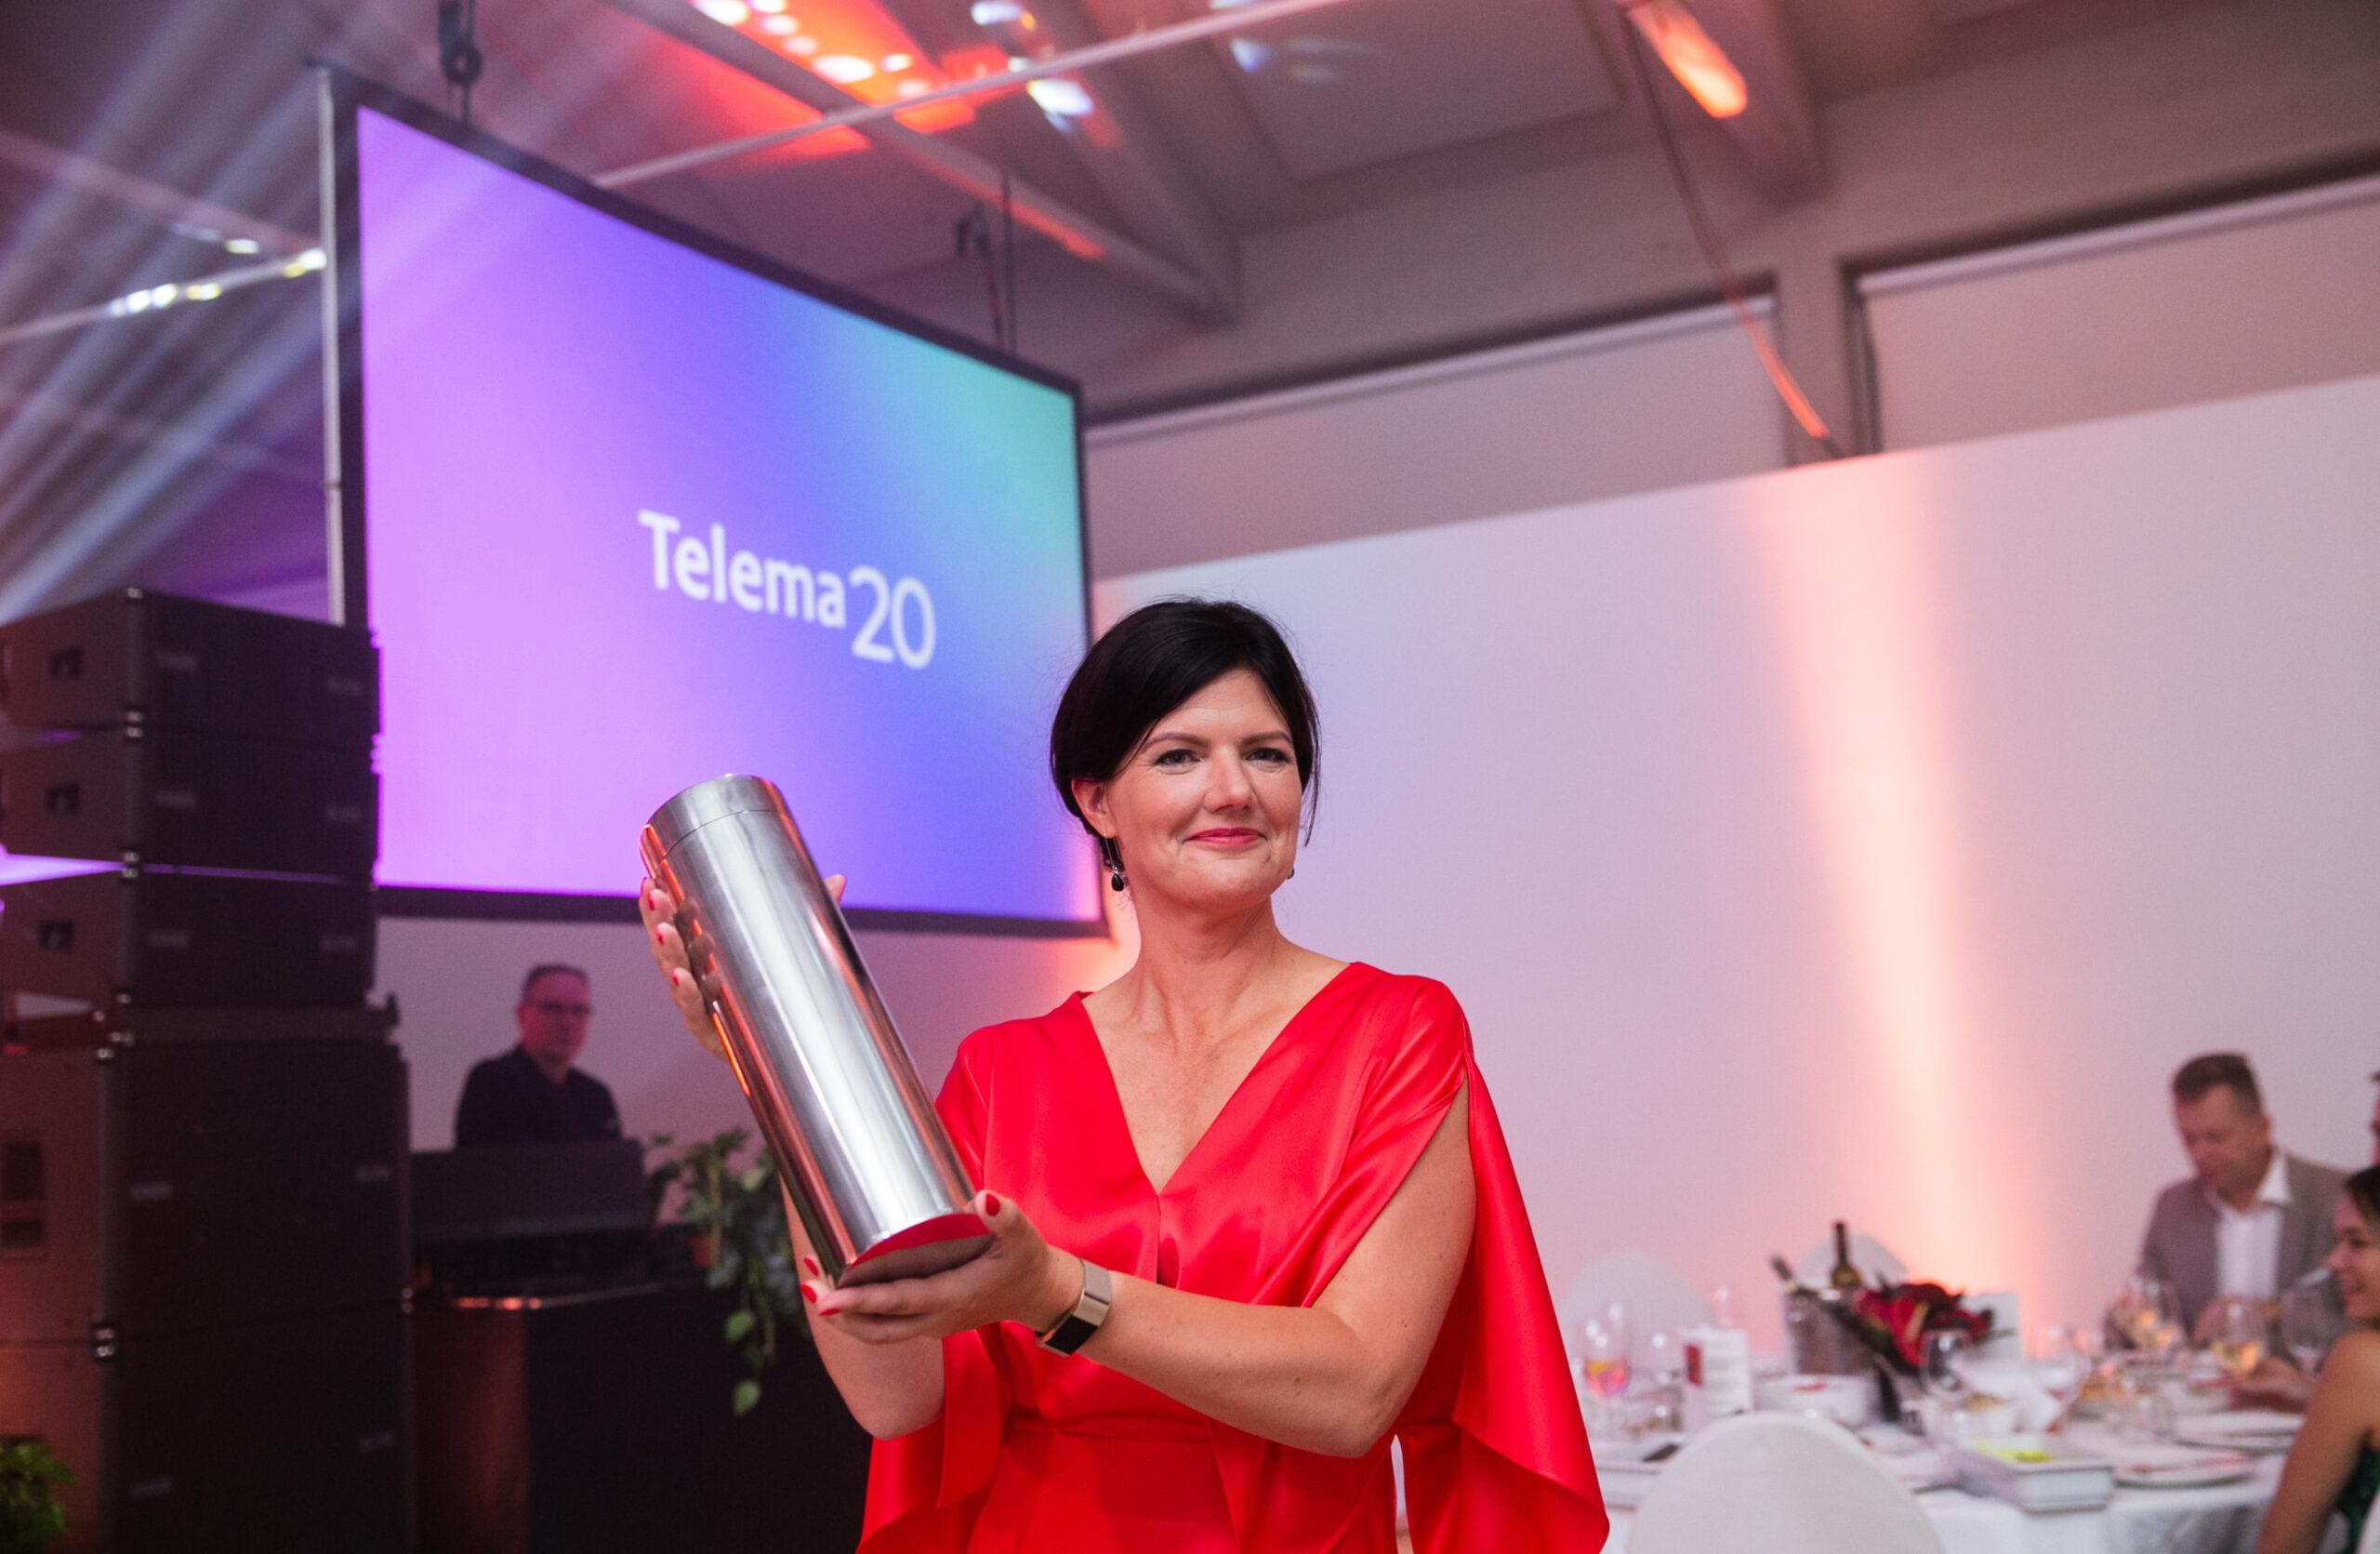 Telema padėjo sutaupyti Baltijos šalių klientams 60 milijonų eurų